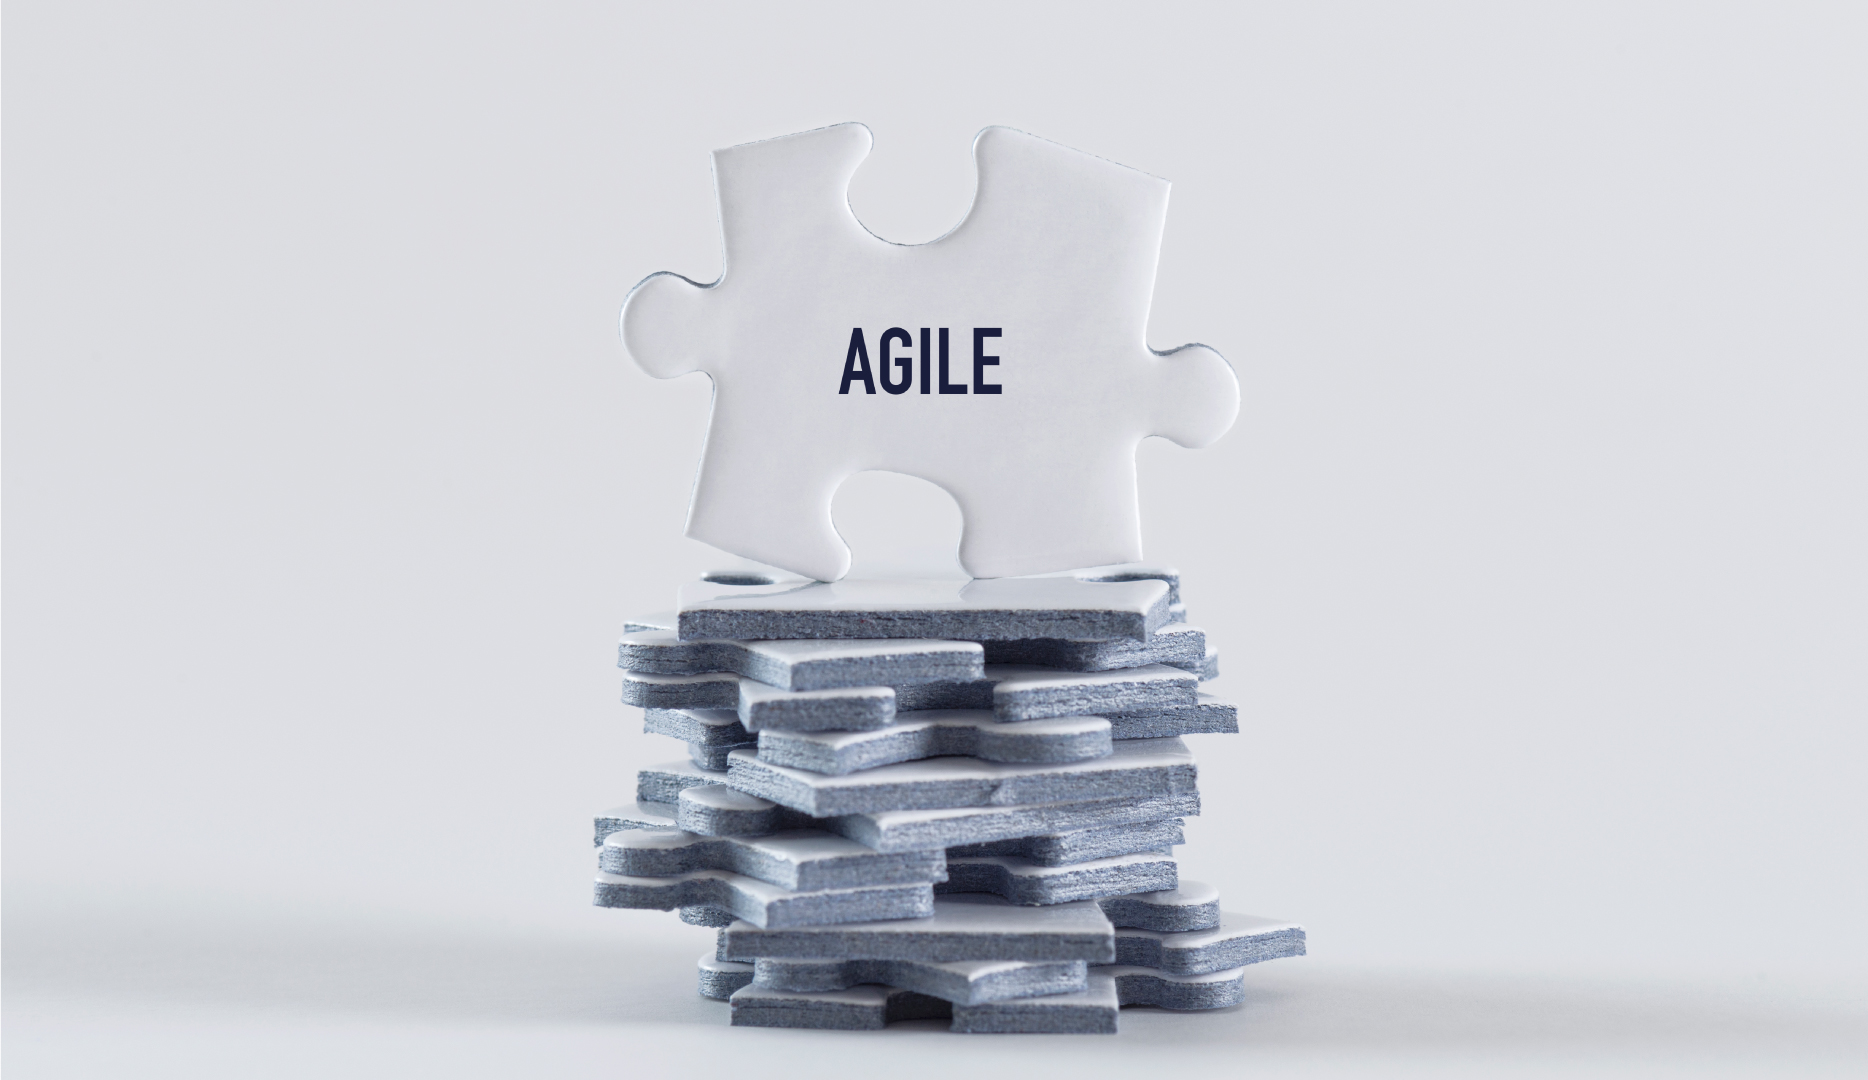 Comment tirer parti du travail d'équipe Agile pour optimiser la collaboration